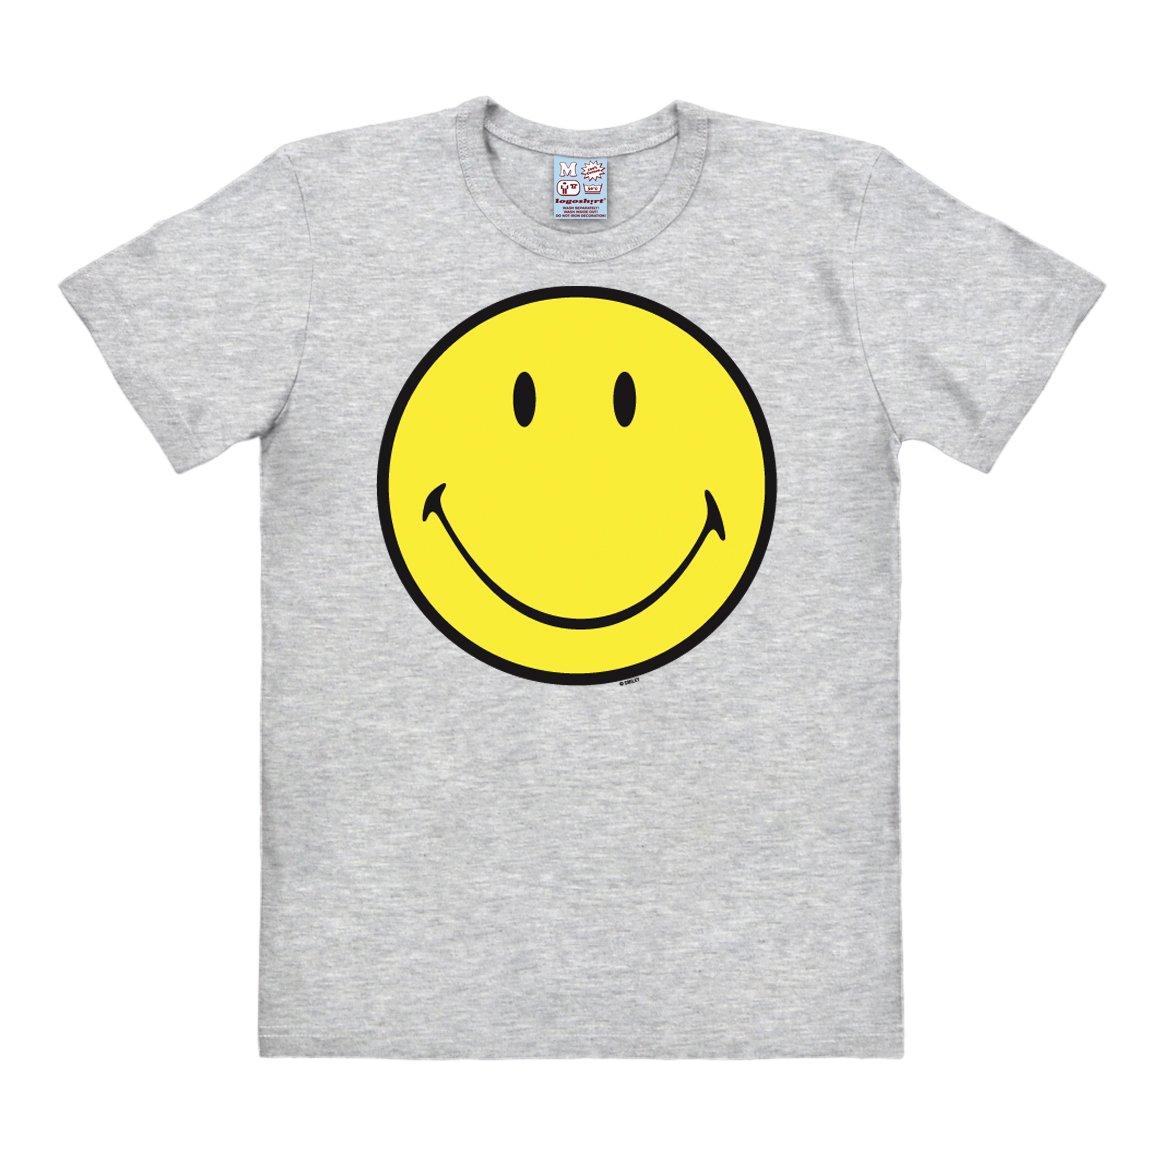 Logoshirt Original Cara Smiley - Emoticon - Feliz Camiseta Hombre - Gris Vigoré - Diseño Original con Licencia: Amazon.es: Ropa y accesorios